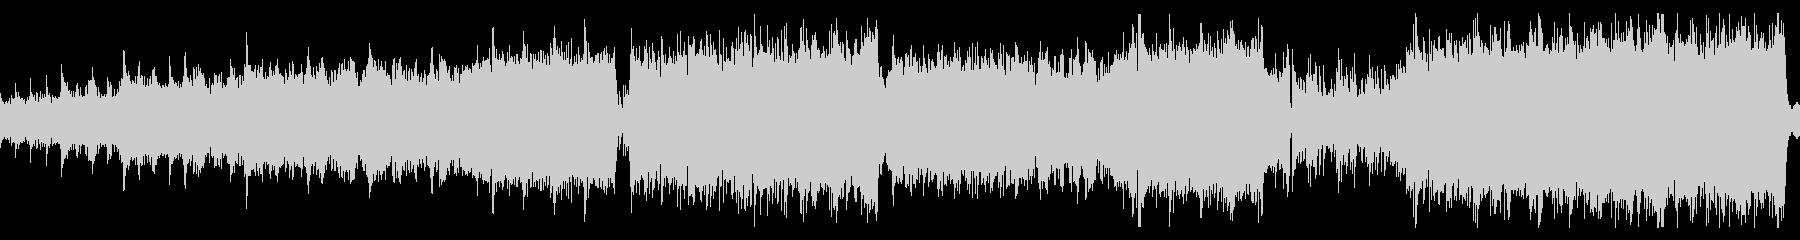 電子音 オーケストラ ラスボス戦 ループの未再生の波形